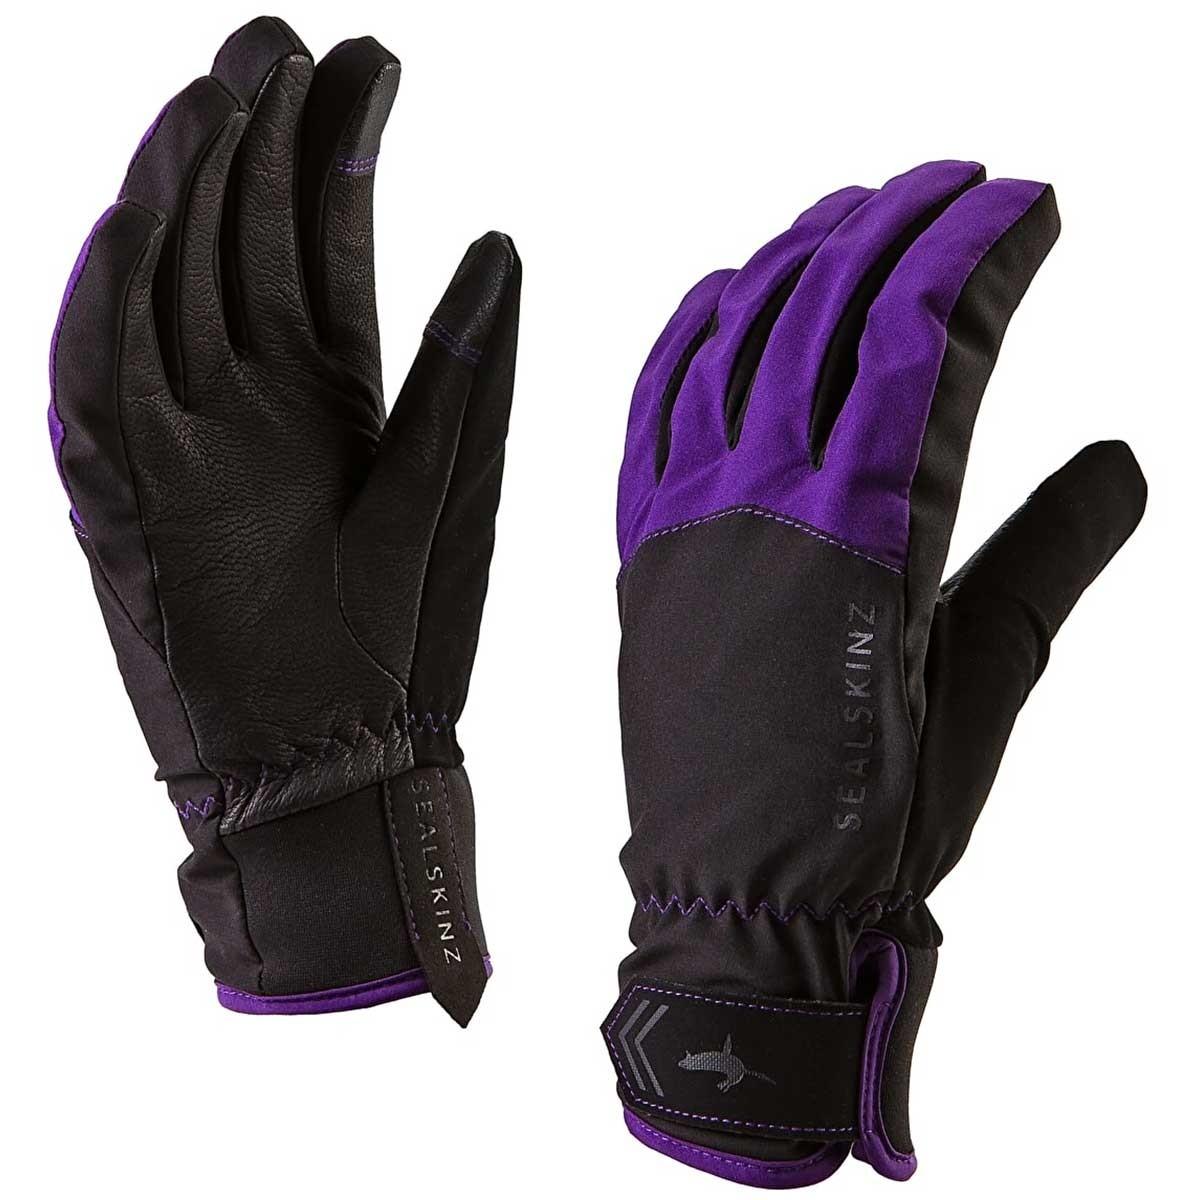 Sealskinz All Season Waterproof Women's Gloves - Black/Purple